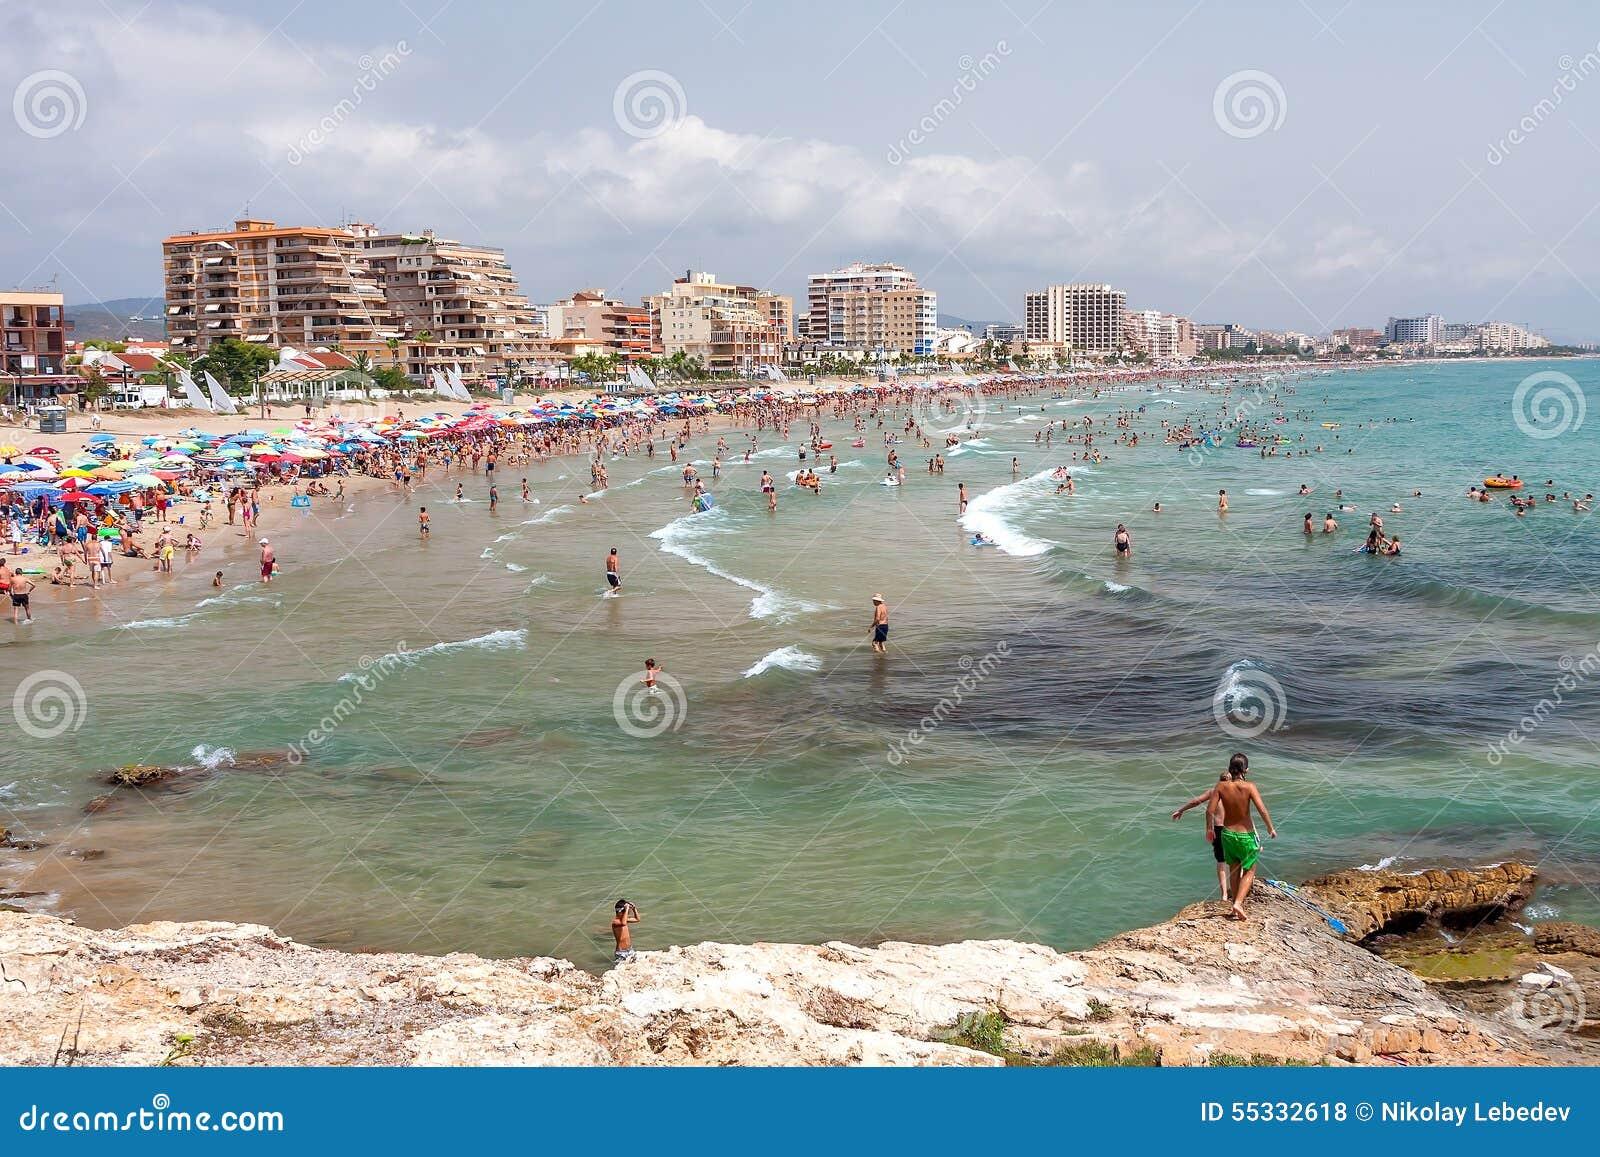 Schoner Strand Mit Regenschirmen Nahe Valencia An Einem Sonnigen Tag